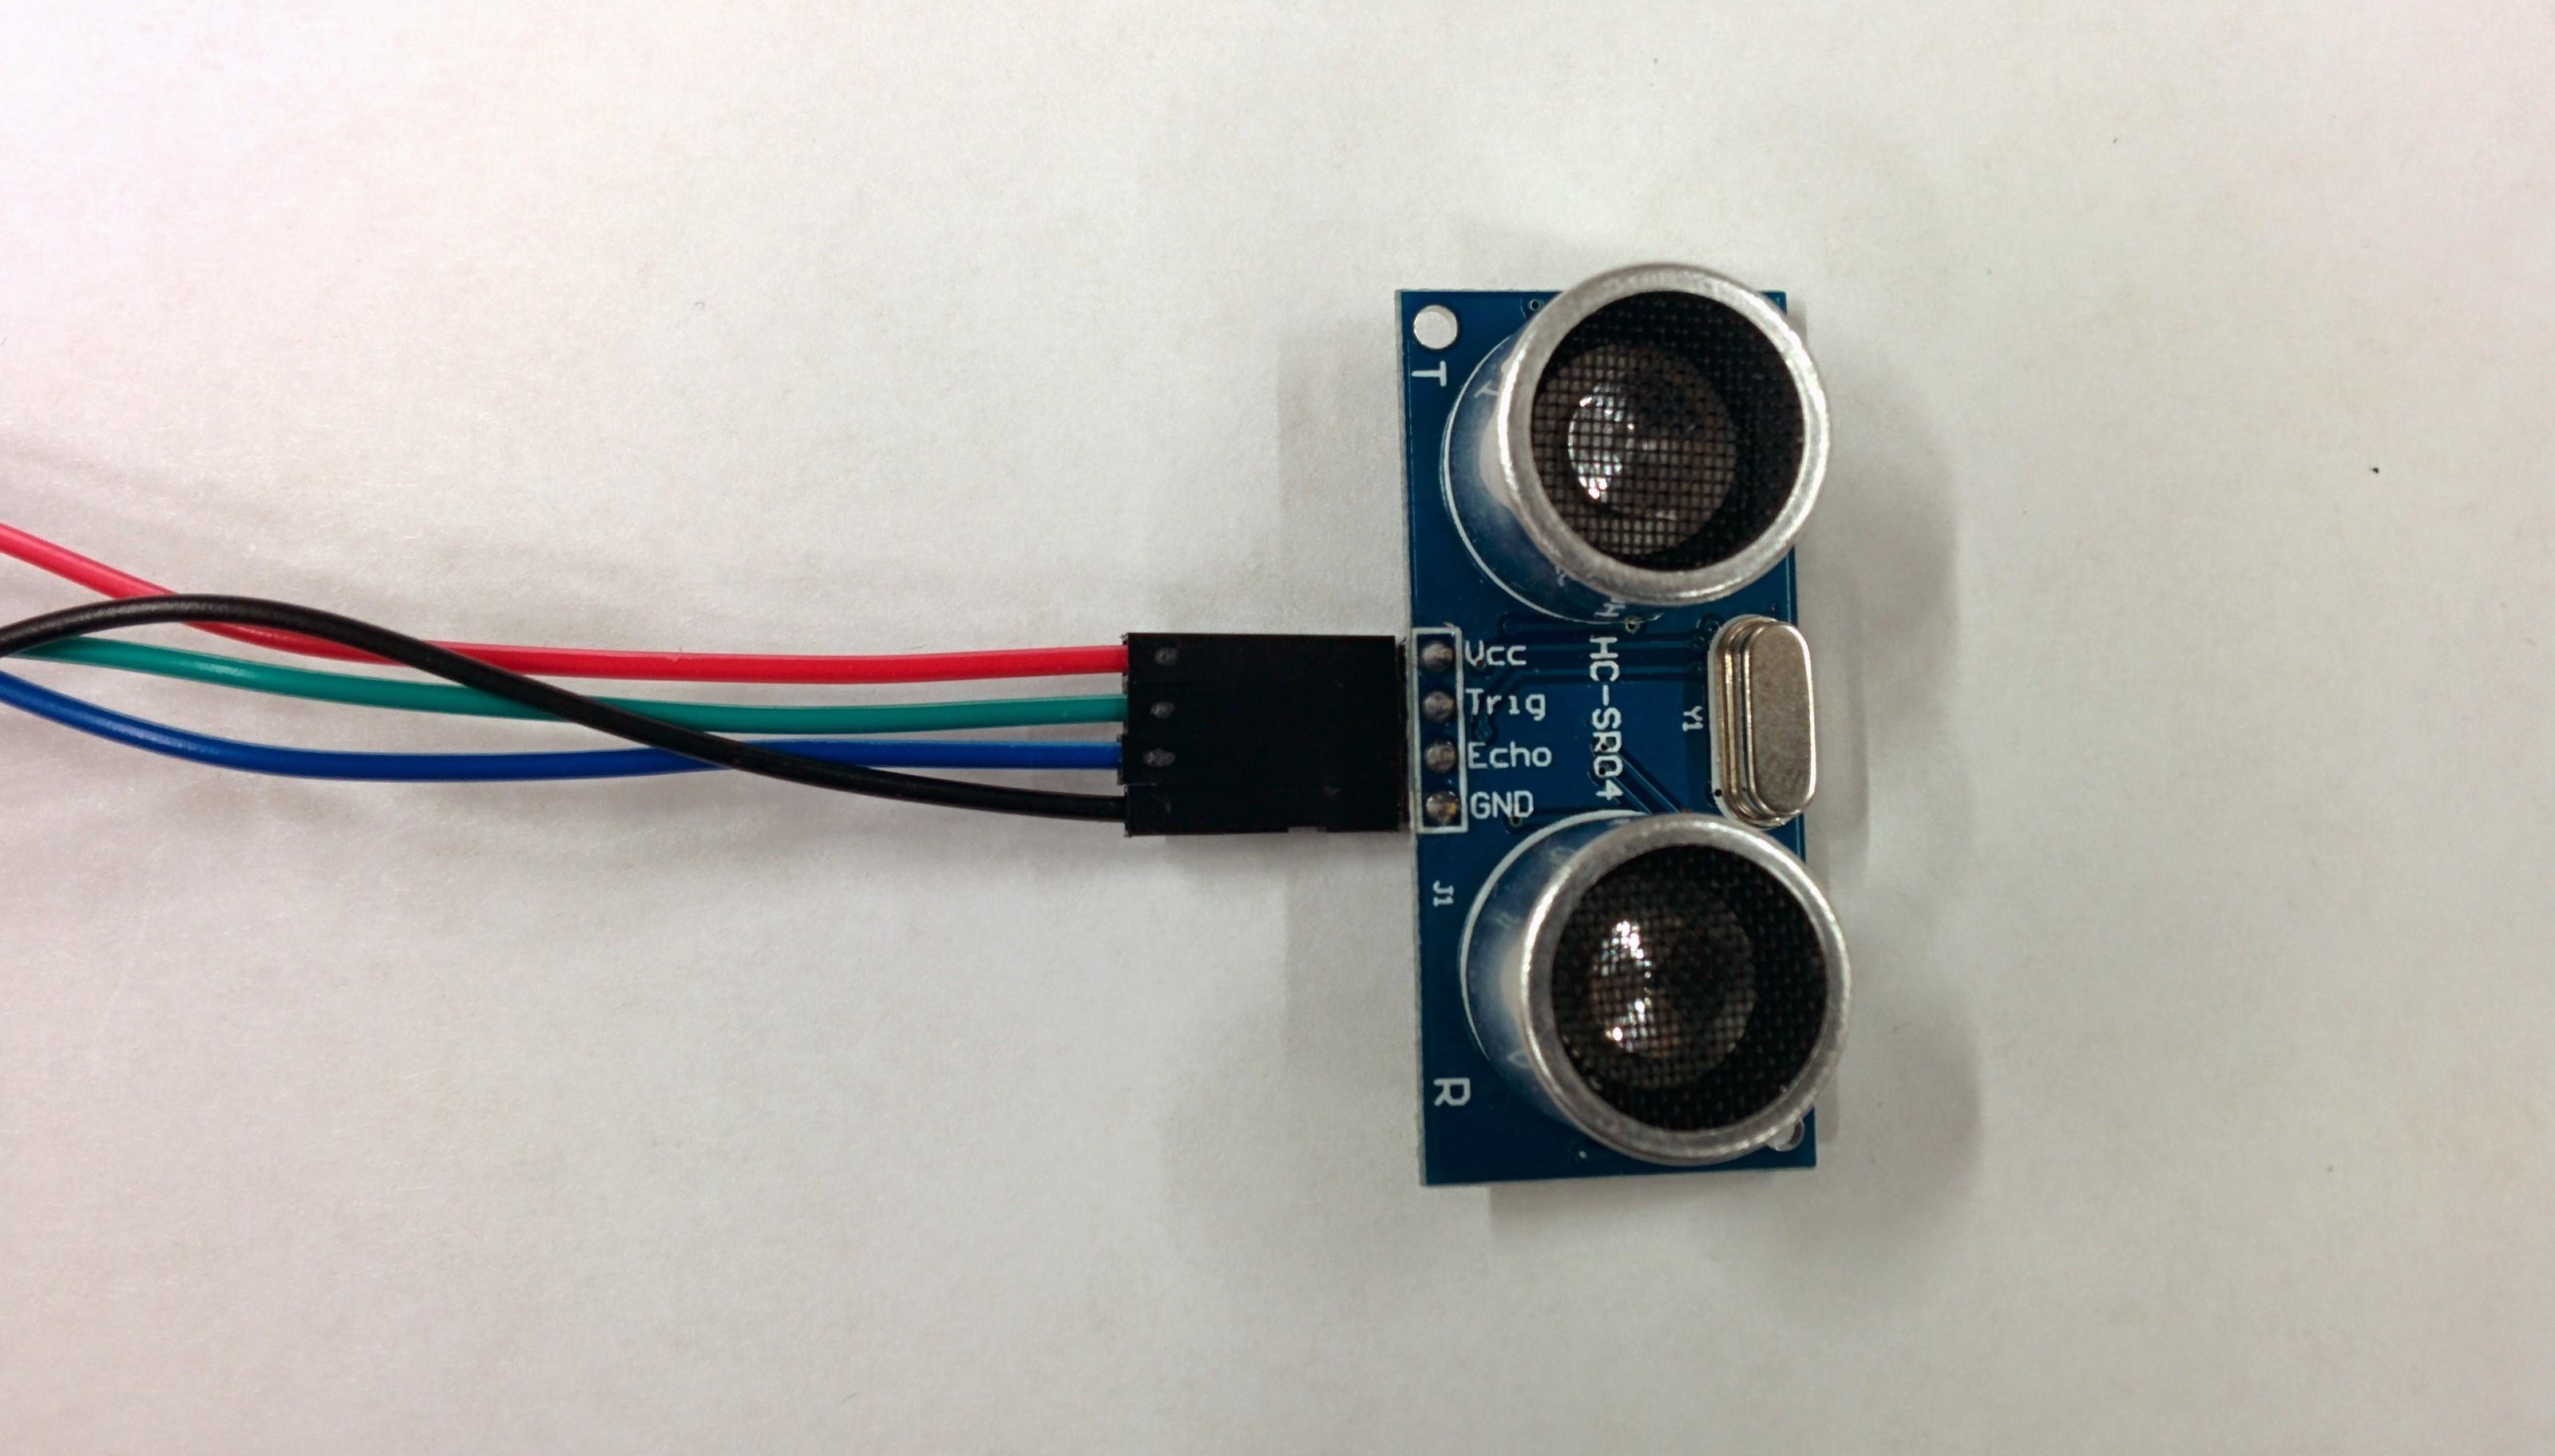 Building a Raspberry Pi Motion Sensor